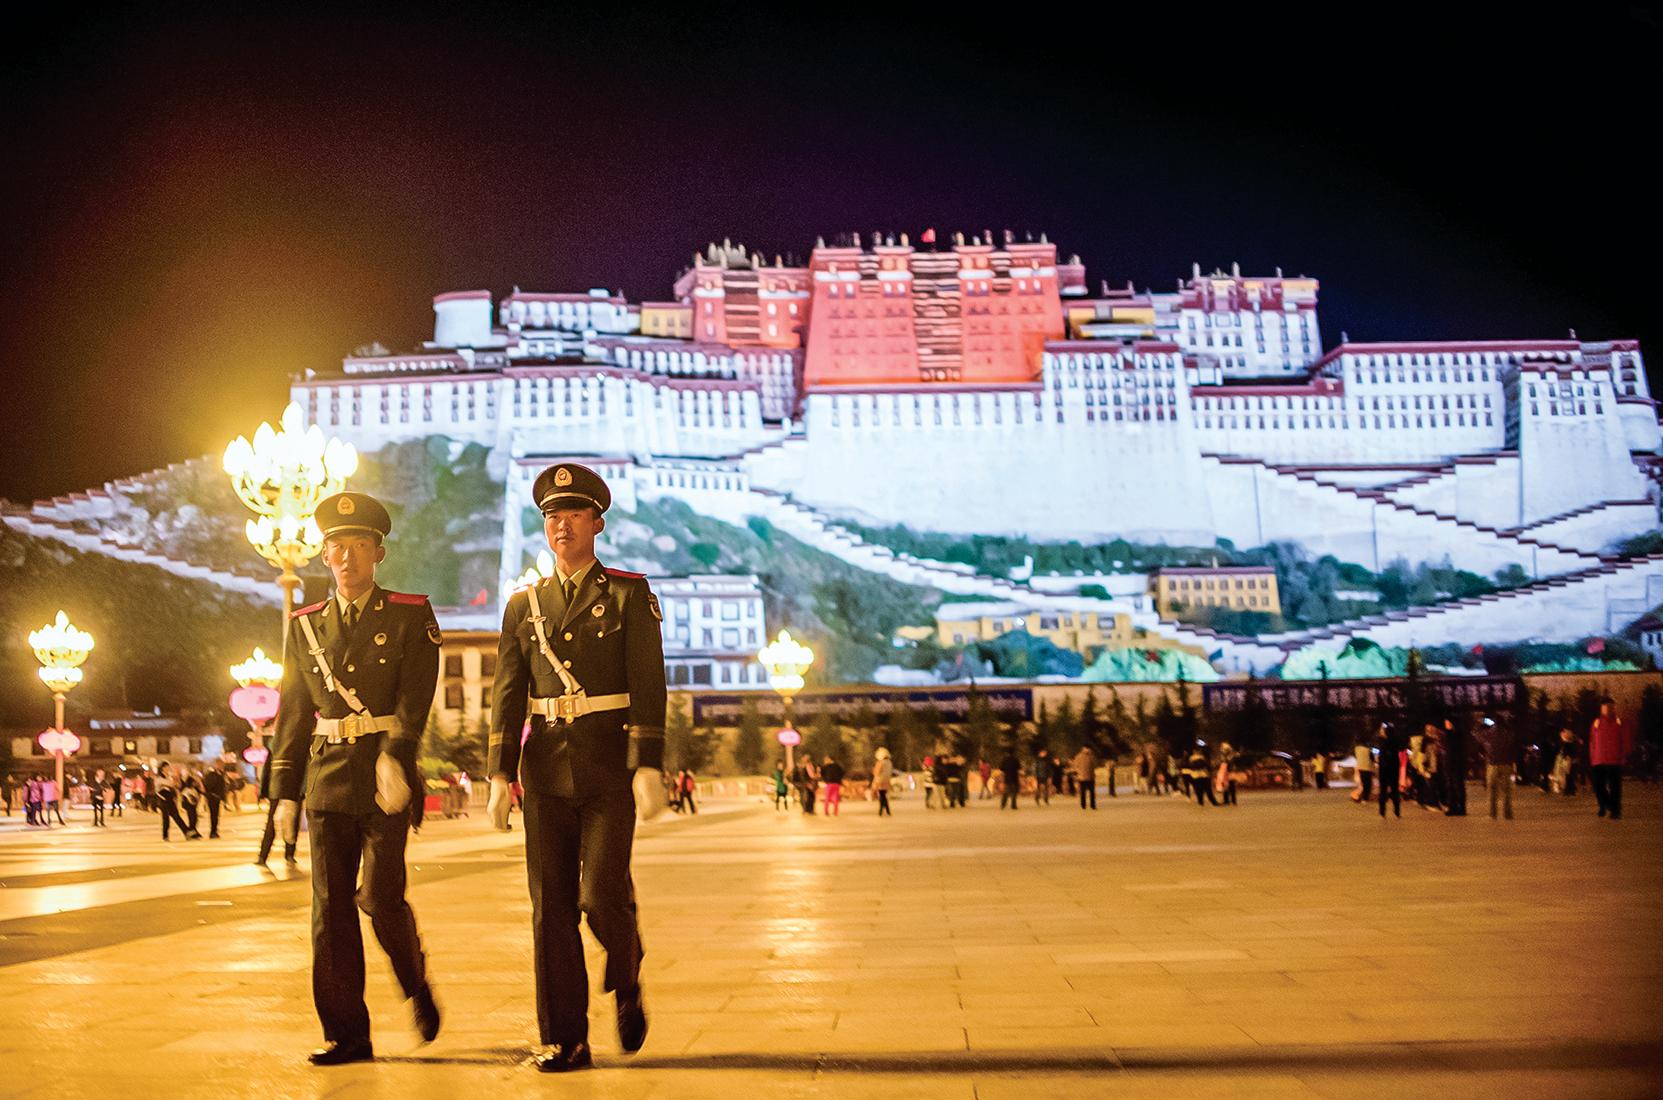 近日,中共國務院發佈西藏白皮書,聲稱西藏在社會主義制度下人民幸福、脫貧攻堅全面勝利等等,被指謊話連篇。圖為2016年9月西藏布達拉宮前,有警察在巡邏。(Getty Images)